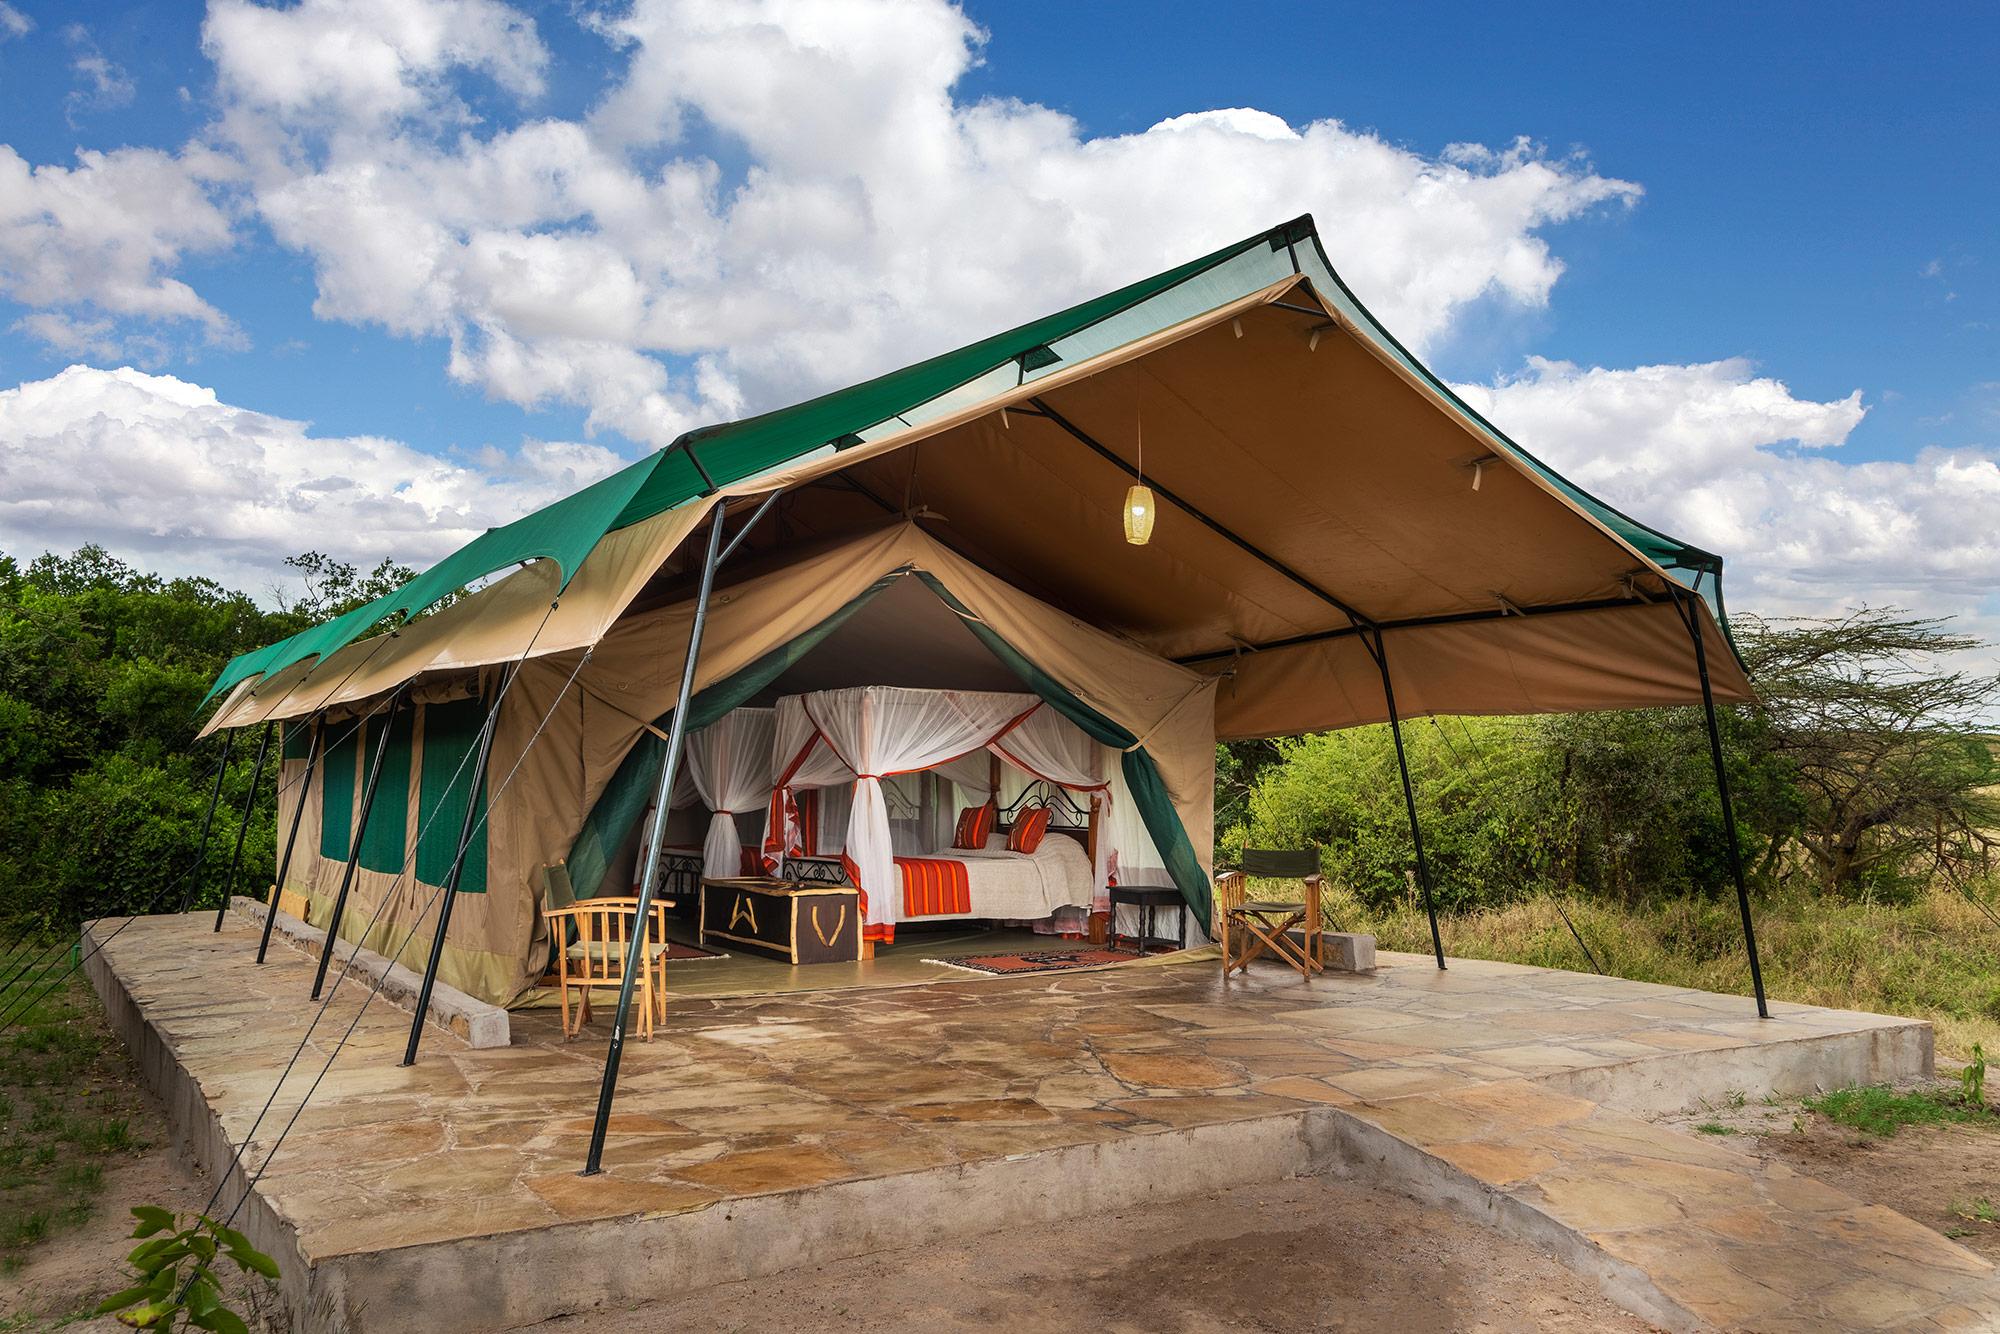 Mara Big Five Camp